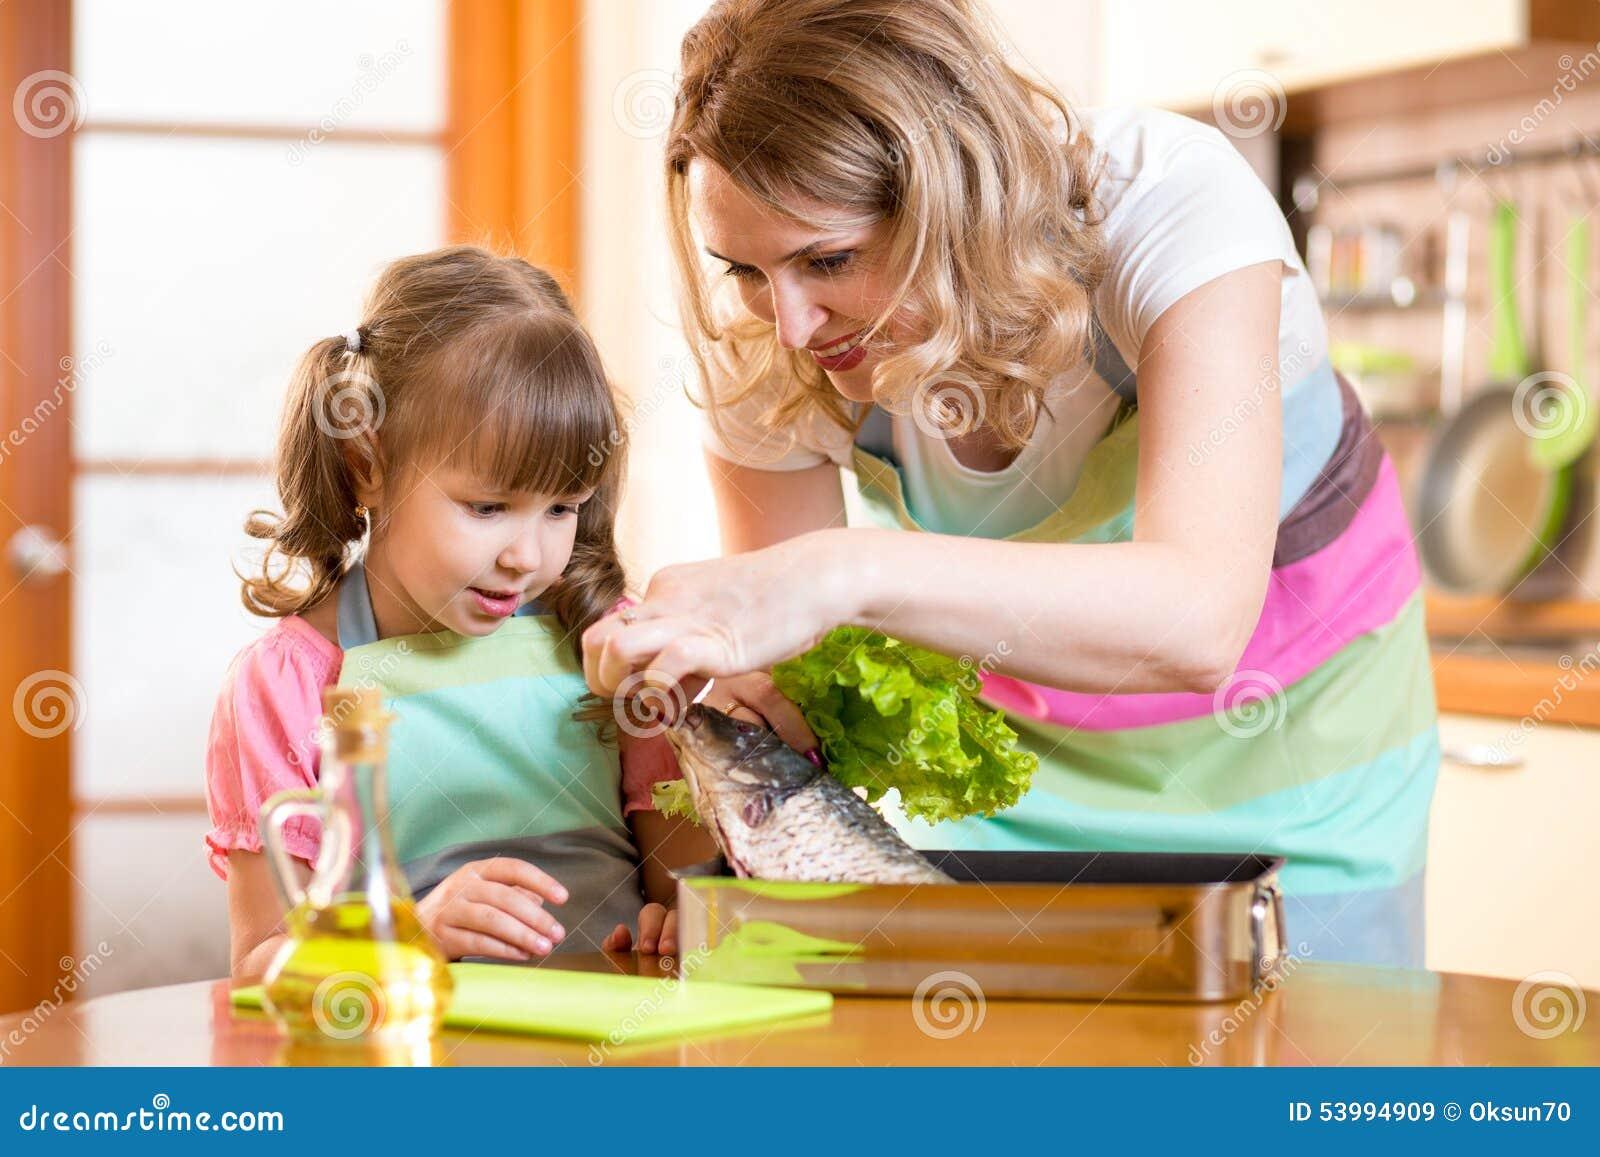 Ragazza del bambino con la mamma che cucina pesce nella for Konzentrationsschw che kind